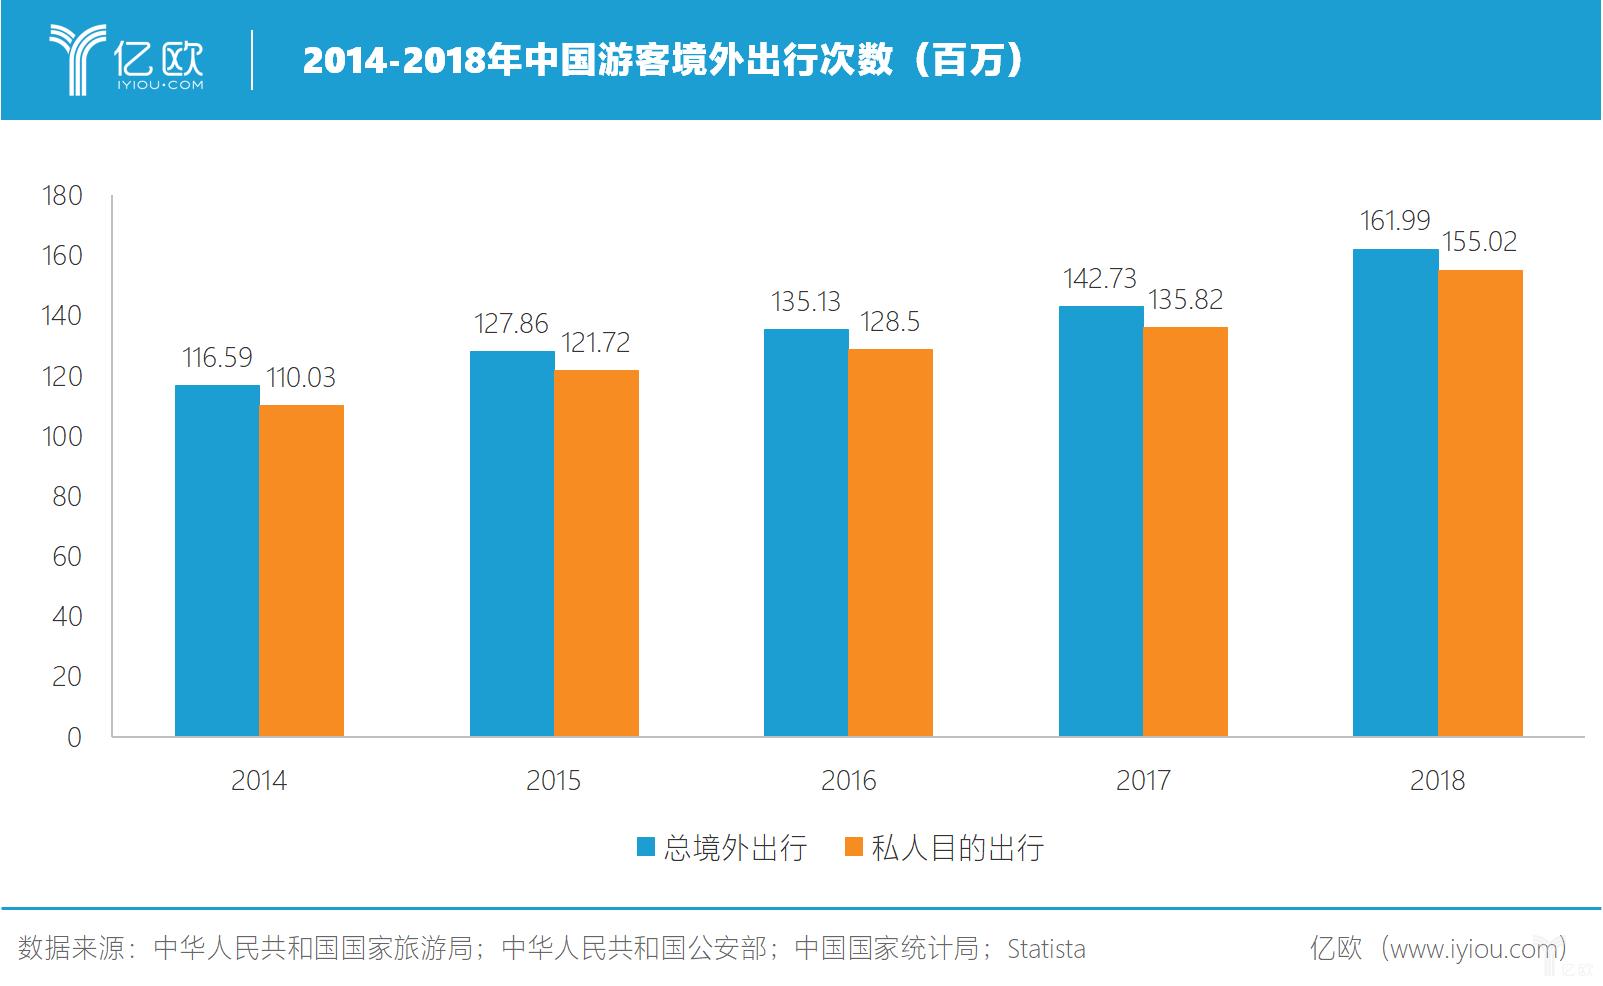 億歐:2014-2018年中国游客境外出行次数(百万)